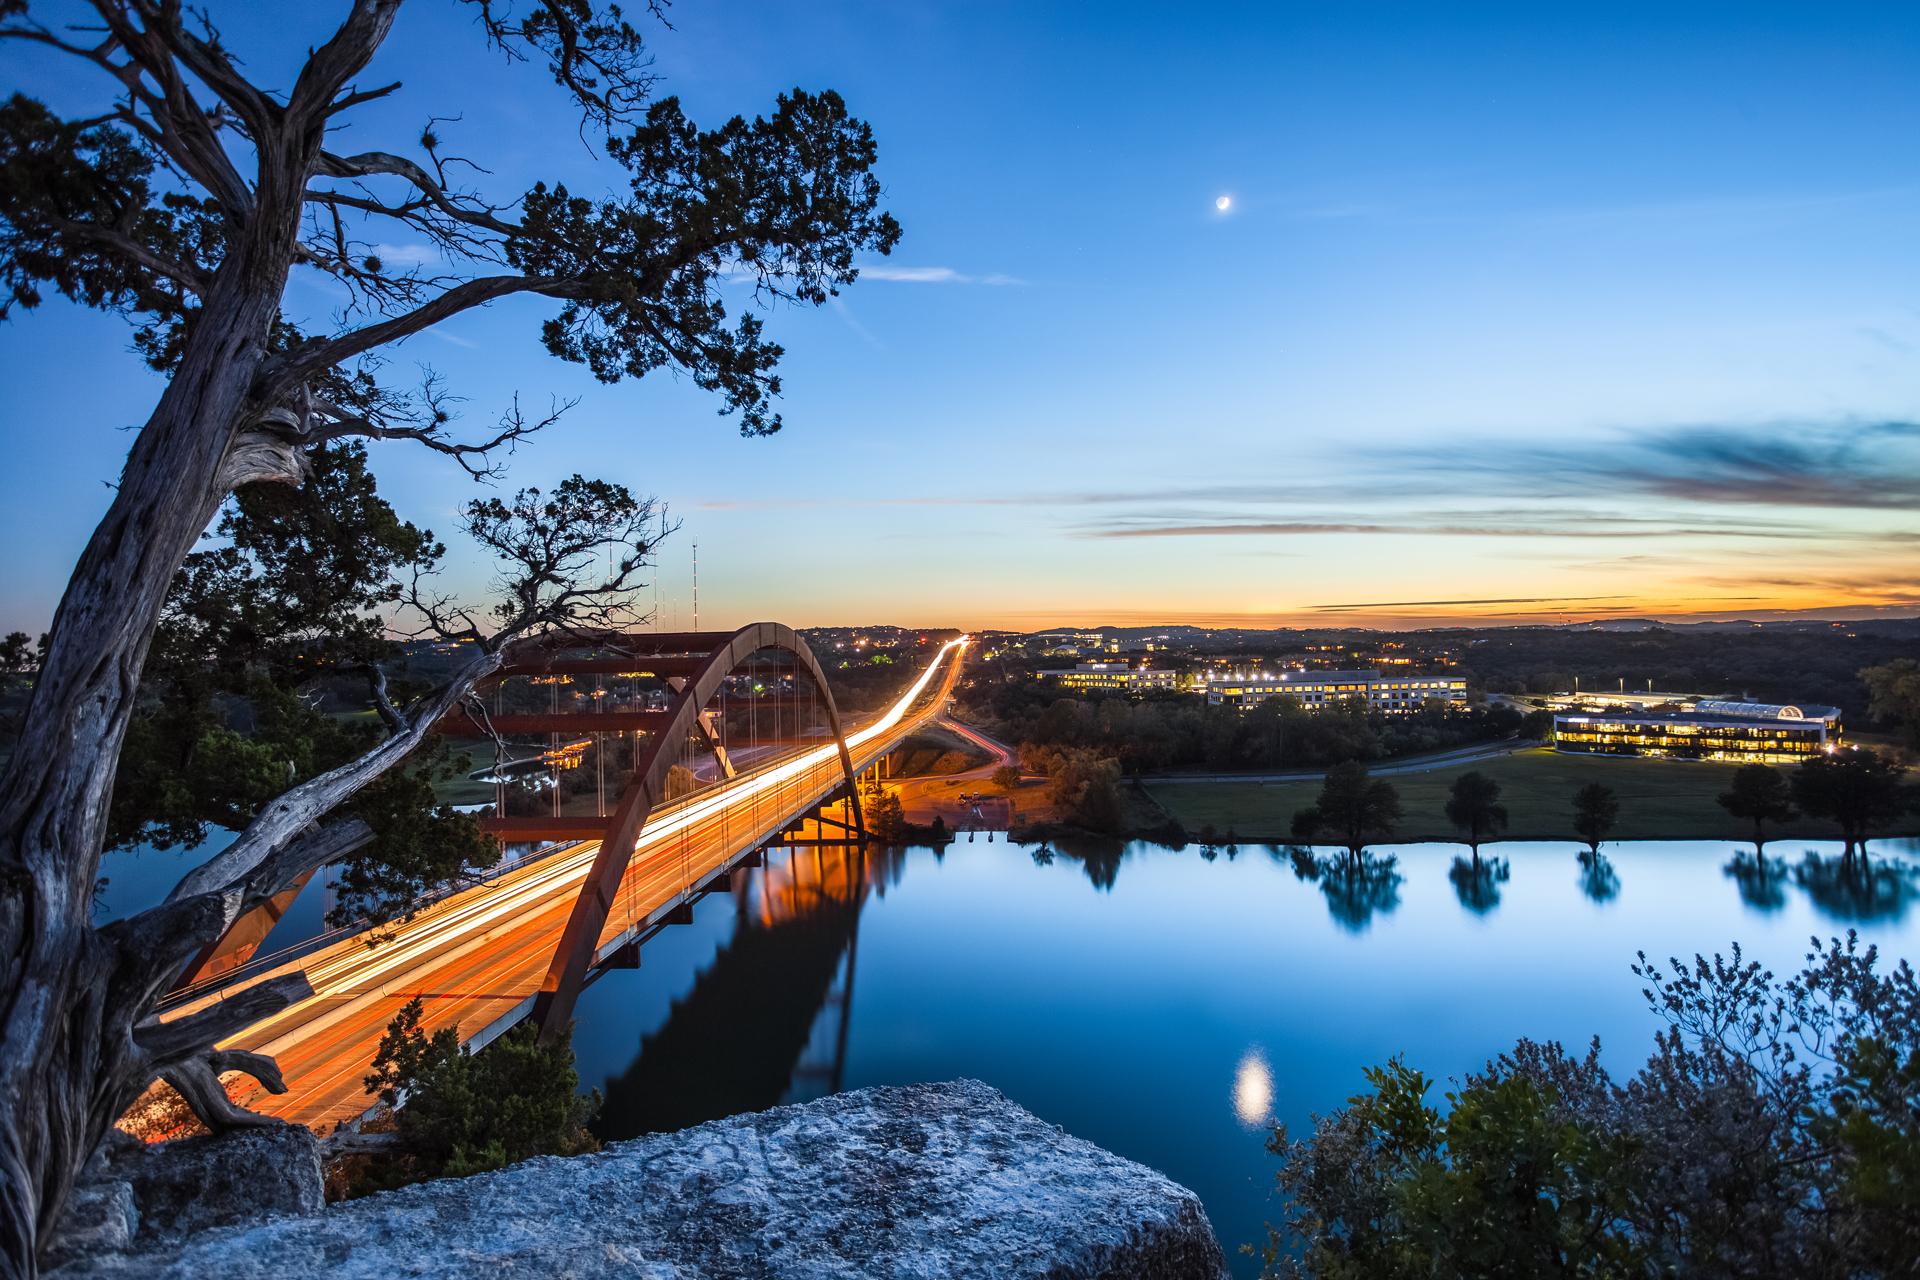 природа страны архитектура ночь река город мост  № 806812 загрузить